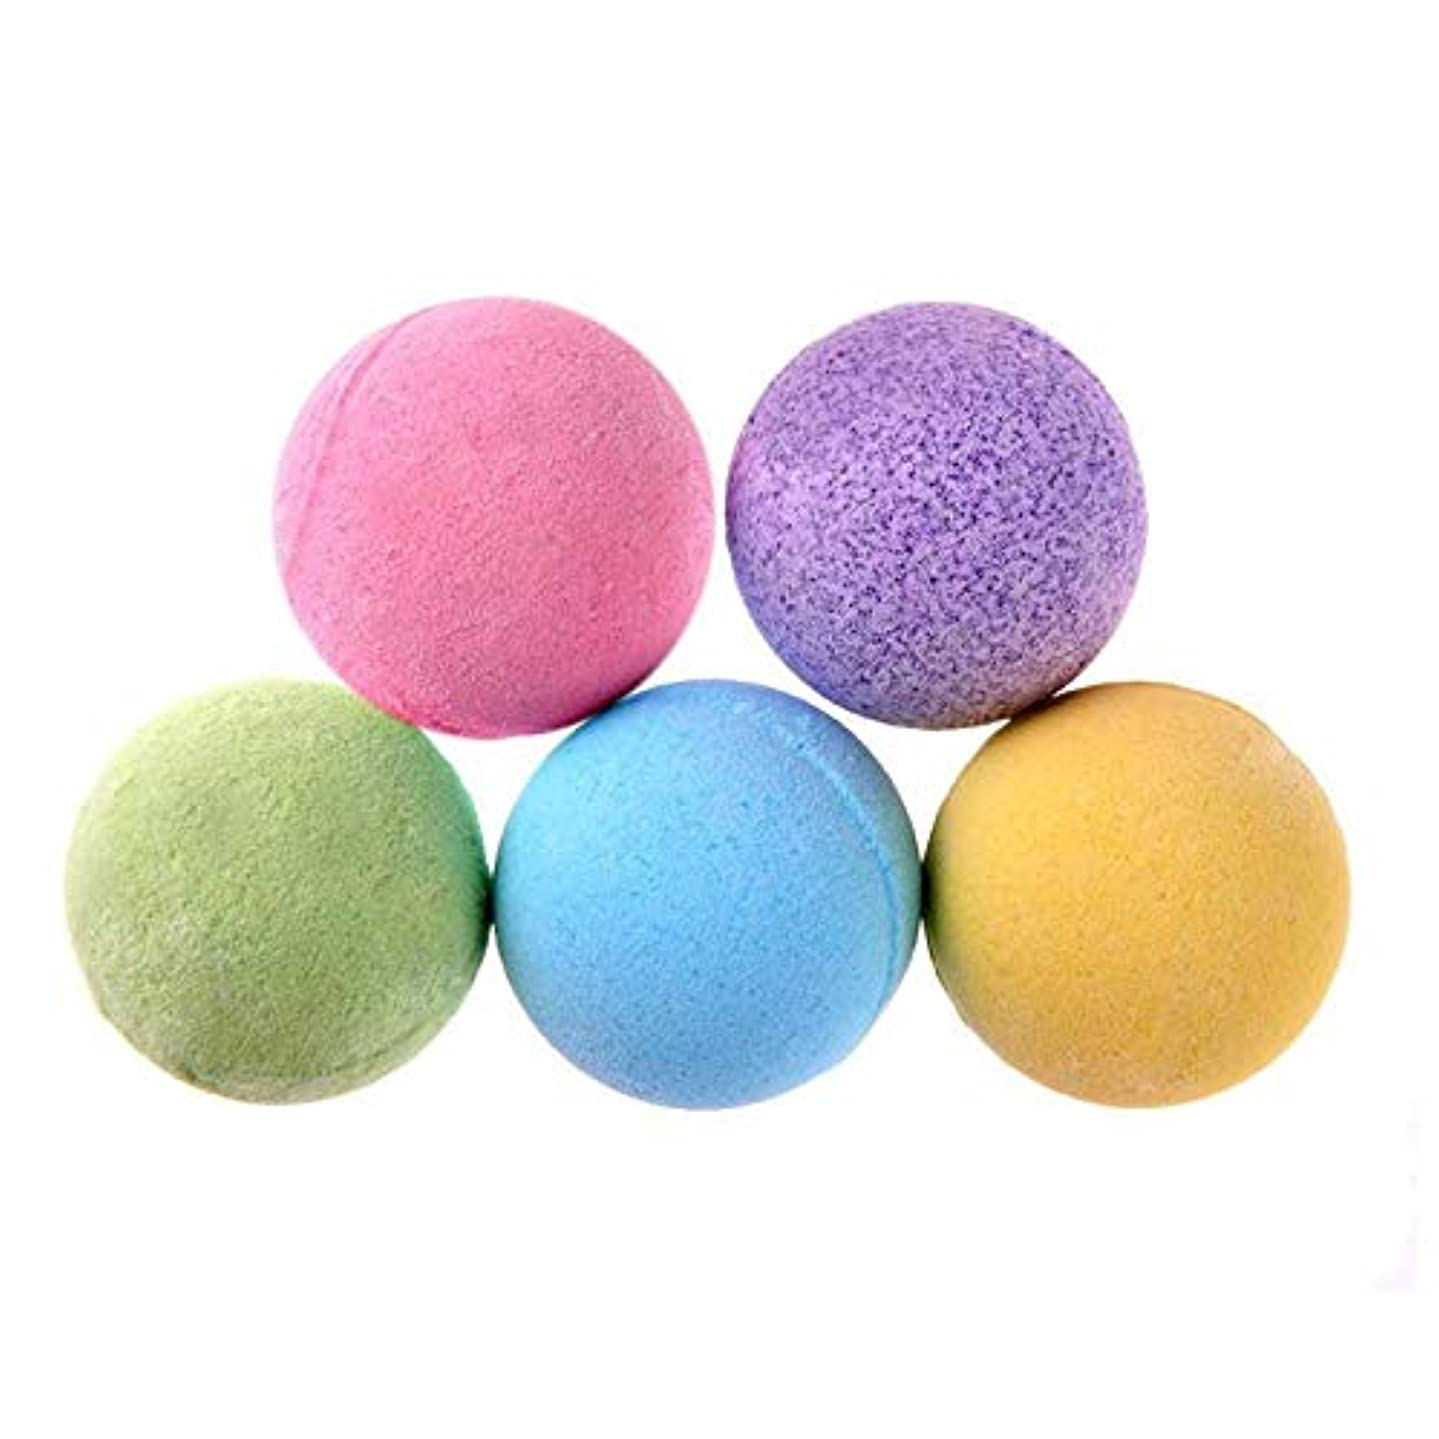 輸送周囲しなやかHot 10pc 10g Organic Bath Salt Body Essential Oil Bath Ball Natural Bubble Bath Bombs Ball Rose/Green tea/Lavender...